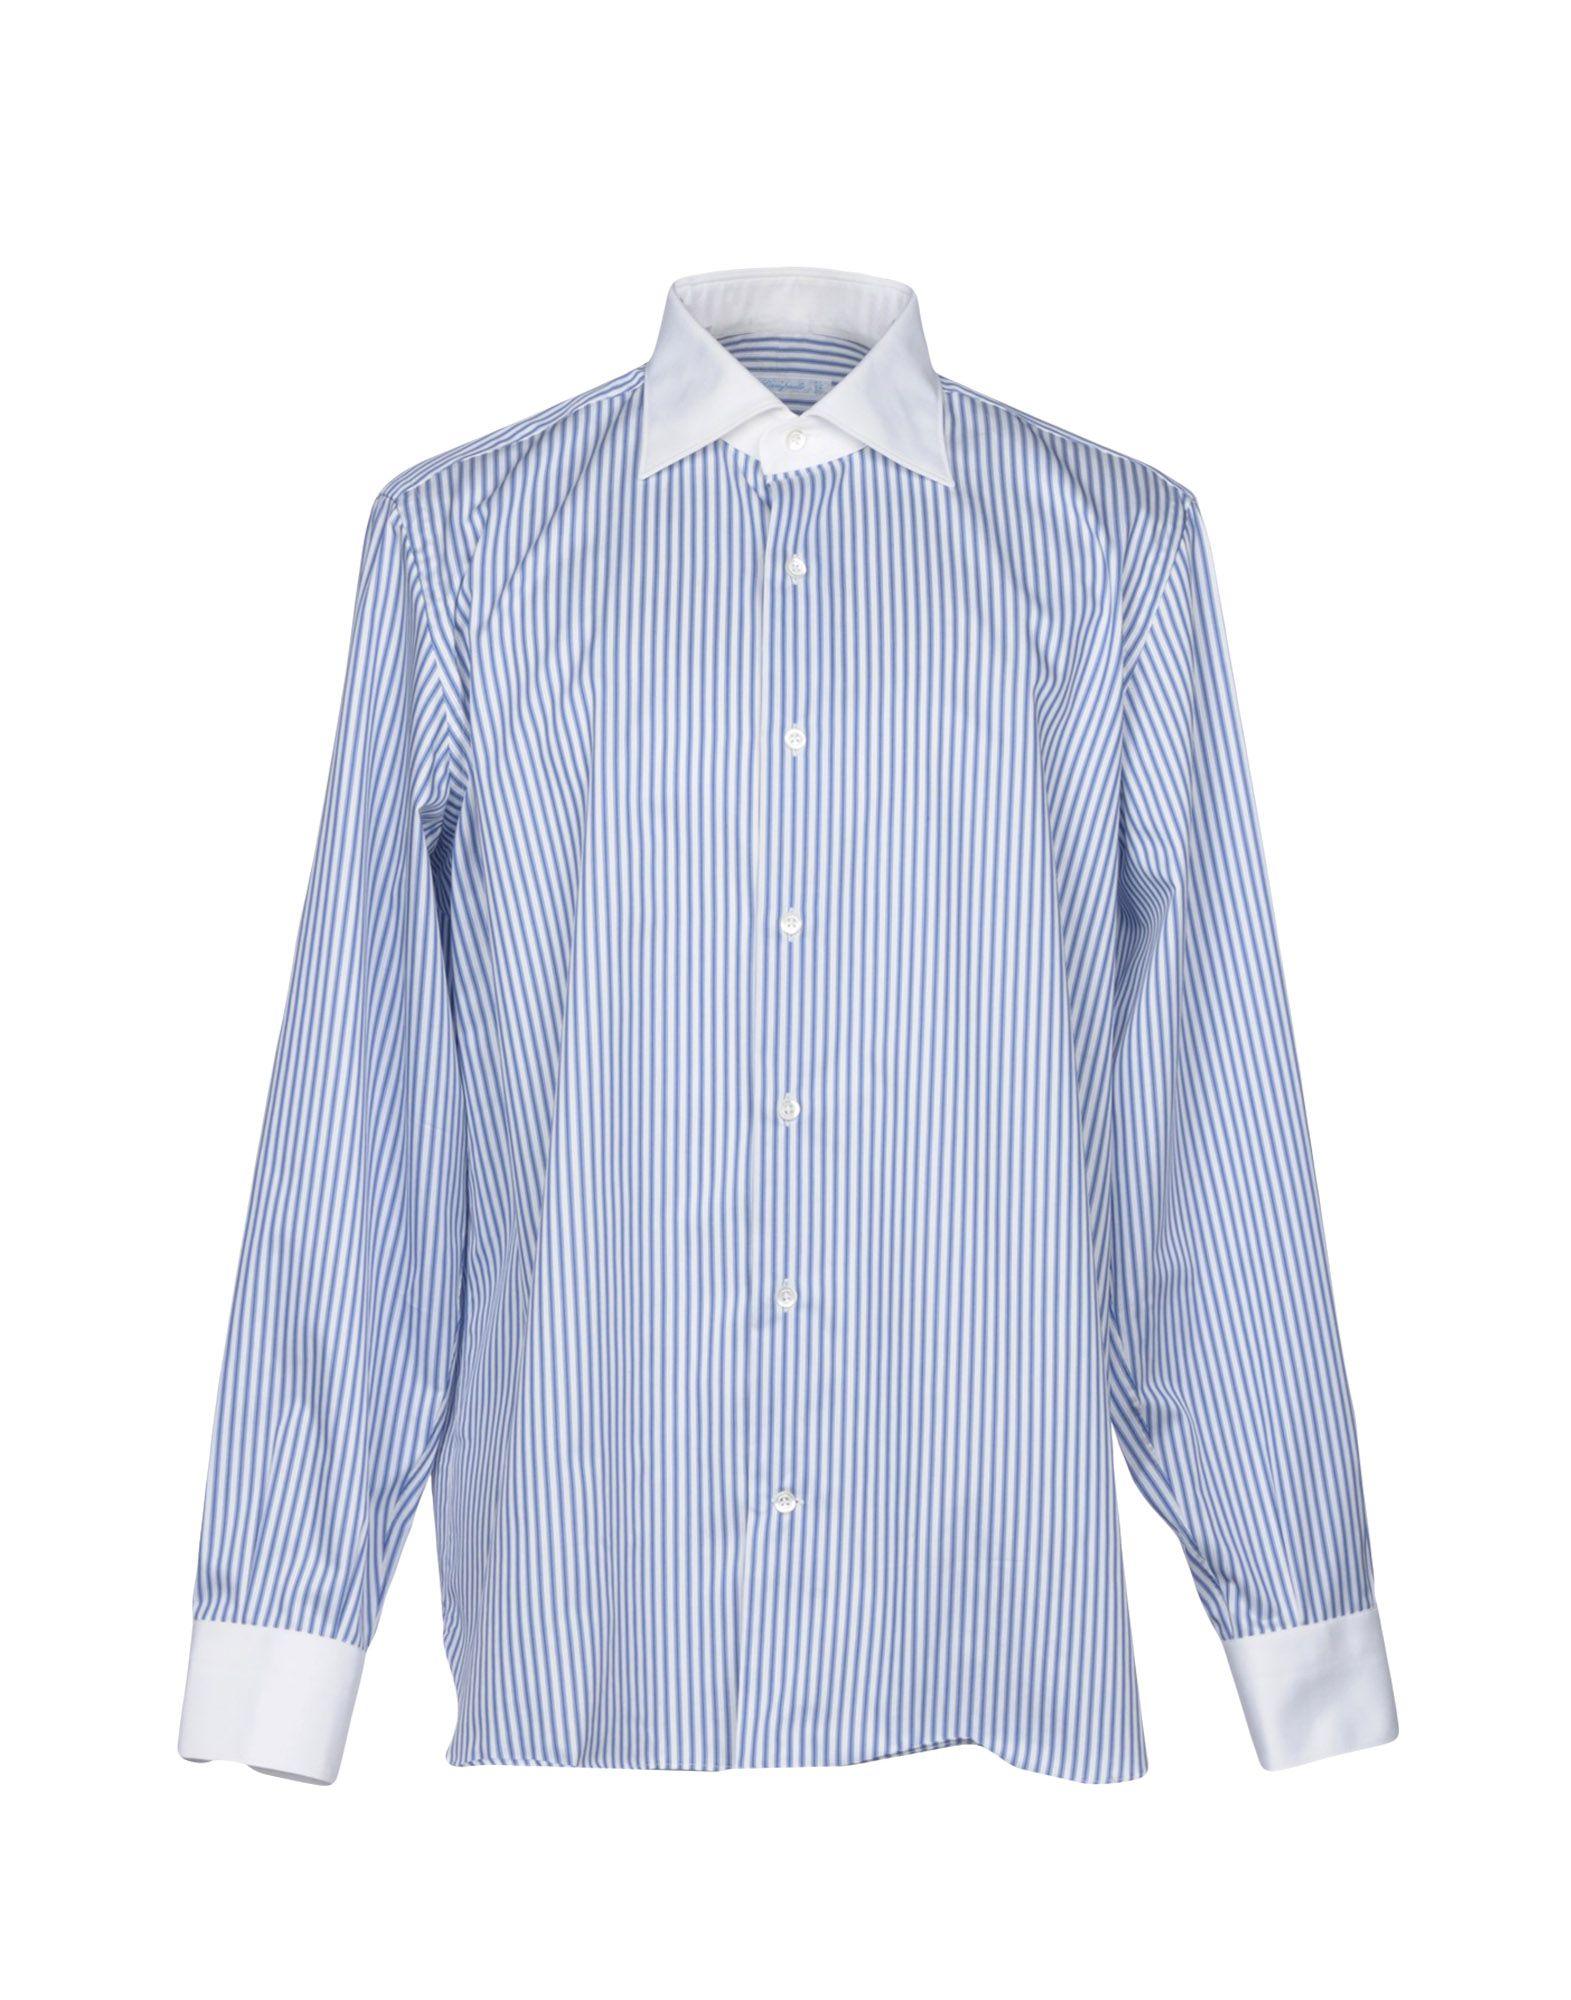 《送料無料》GIAMPAOLO メンズ シャツ ブルー 45 コットン 100%